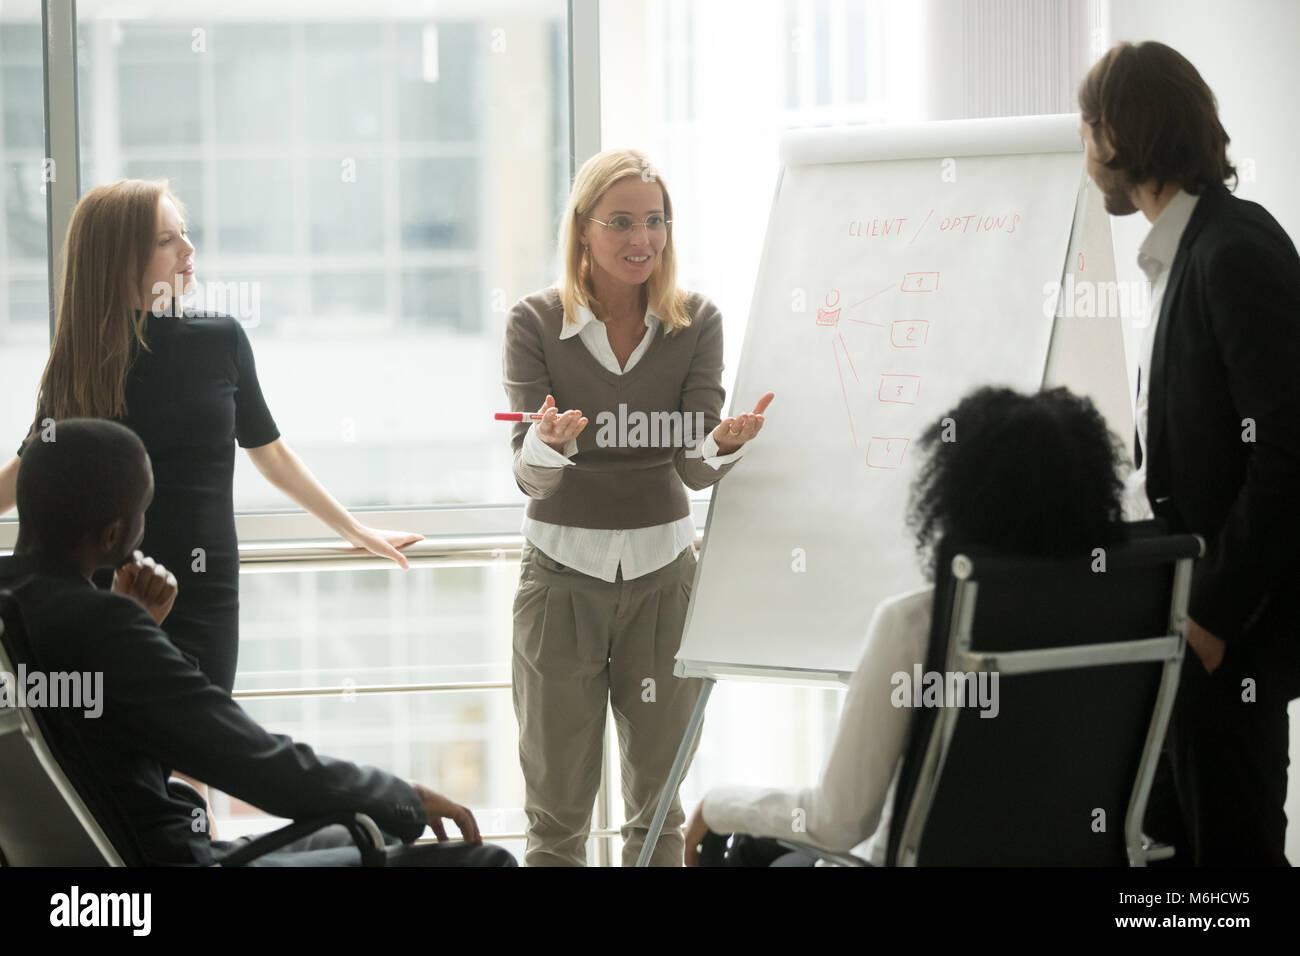 Weibliches Team Leader oder Business Coach eine Präsentation halten zu Empl Stockbild